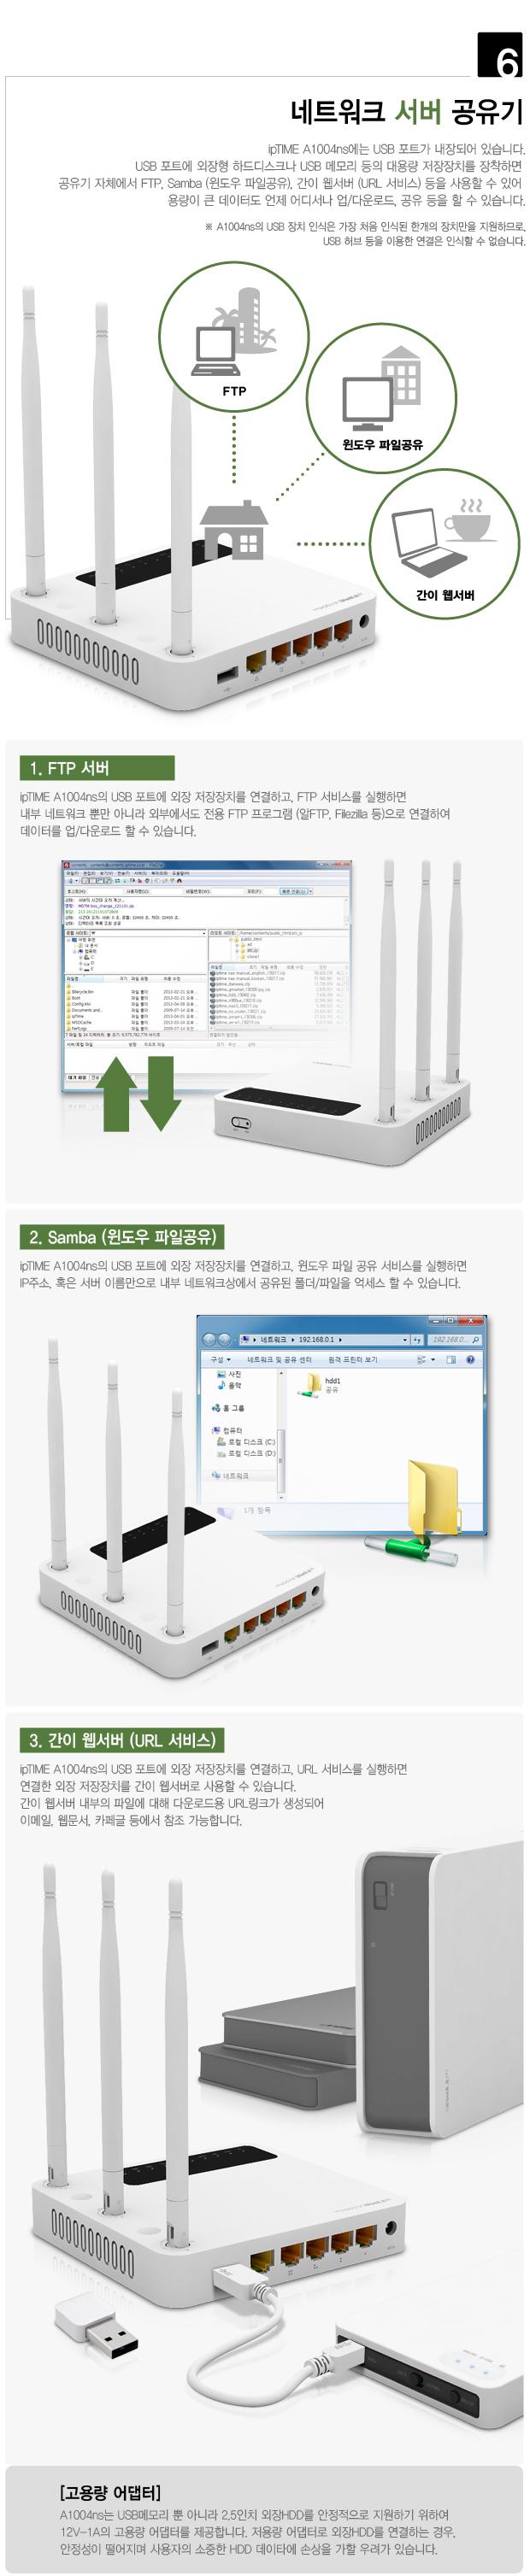 EFM ipTIME A1004ns 유무선공유기